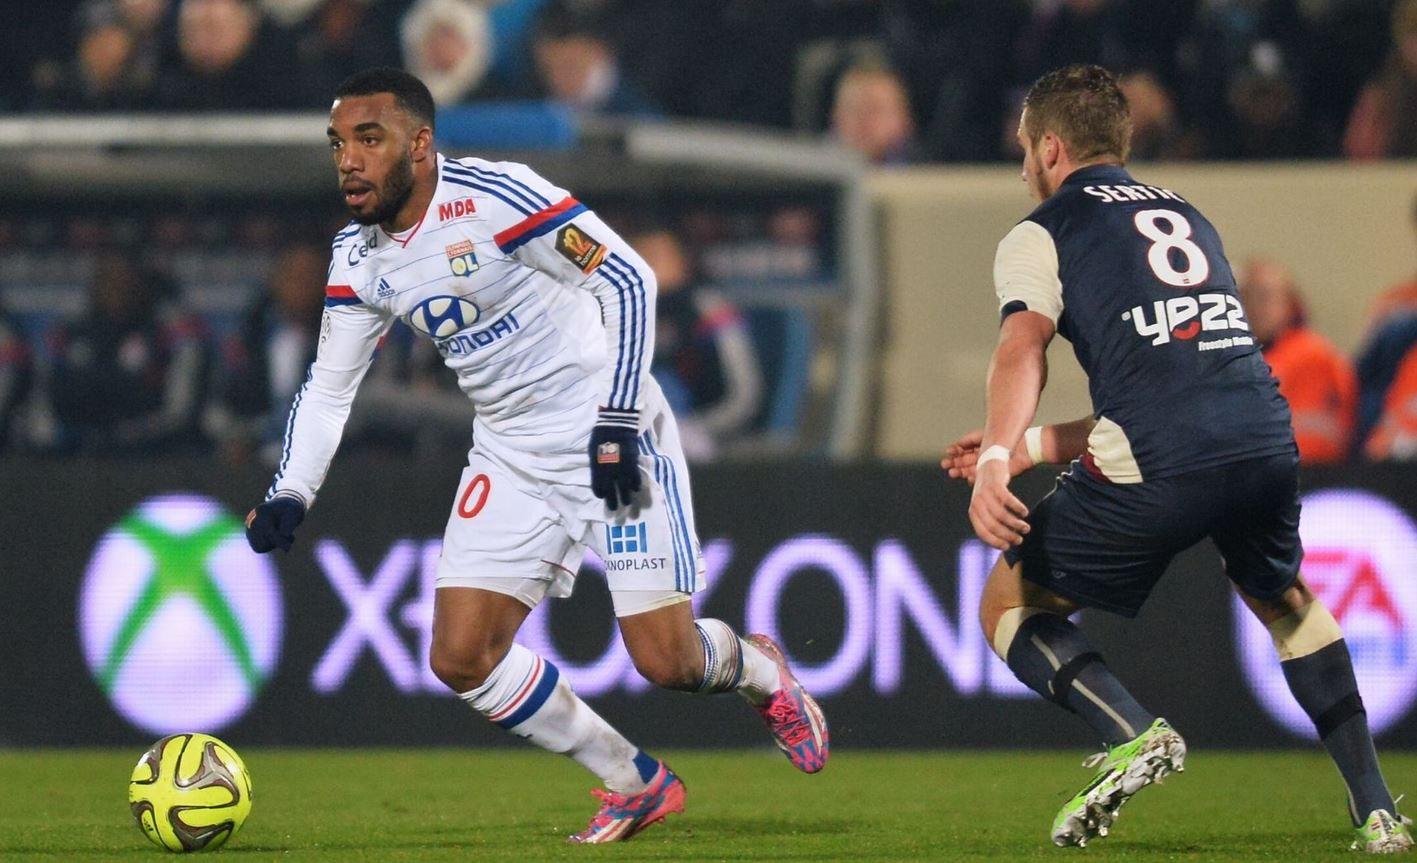 [Foot] Ligue 1 Rétro : Bordeaux / Lyon ce mardi sur beIN SPORTS 1 !